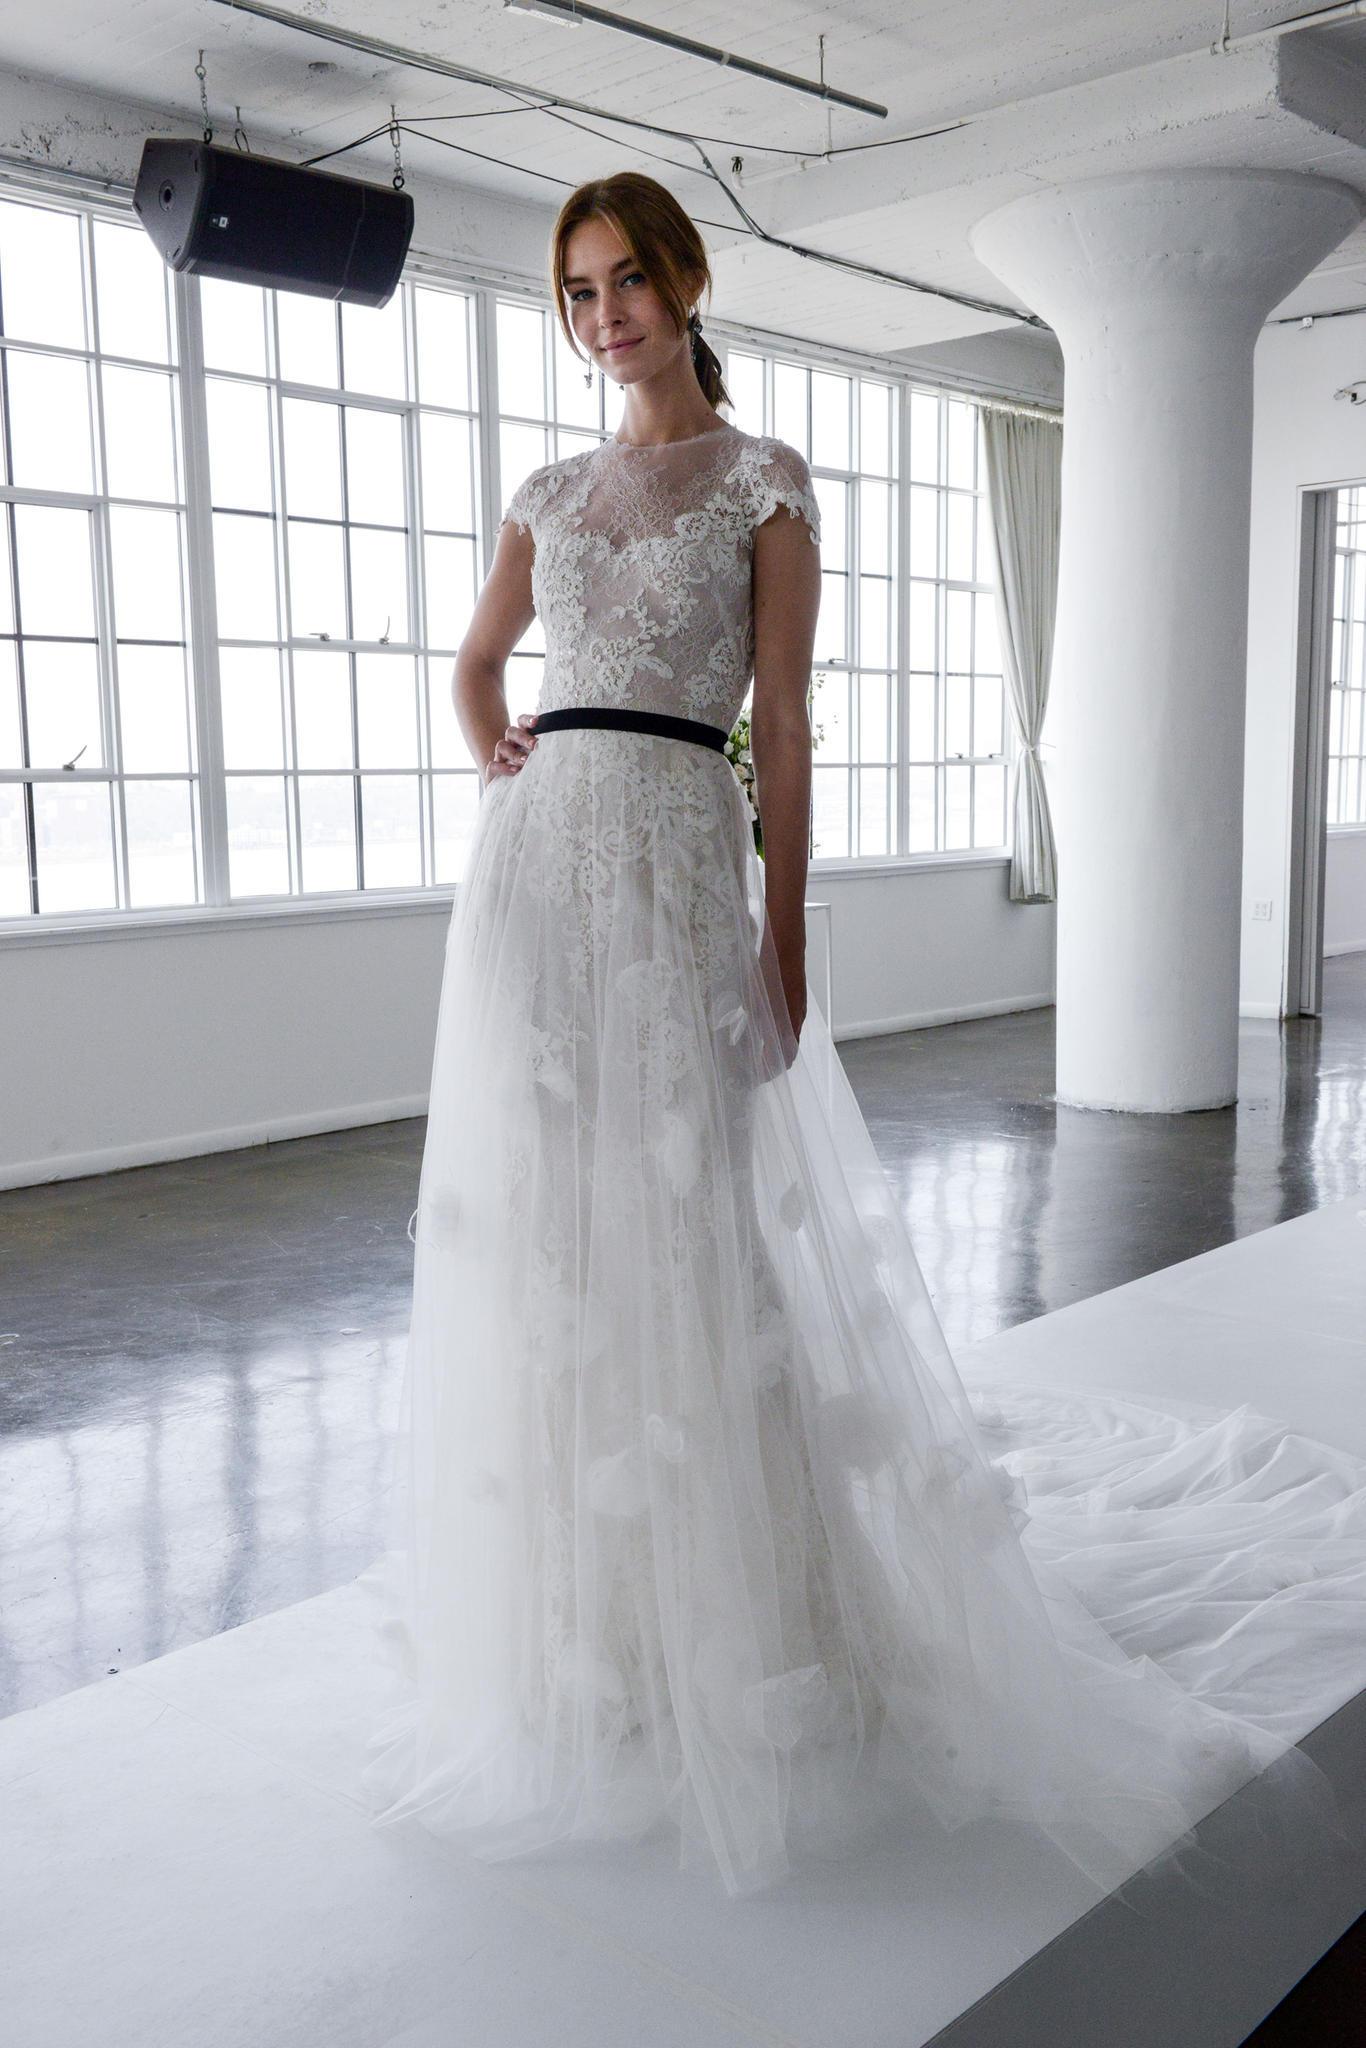 Bodenlanges Hochzeitskleid mit schwarzem Taillenband